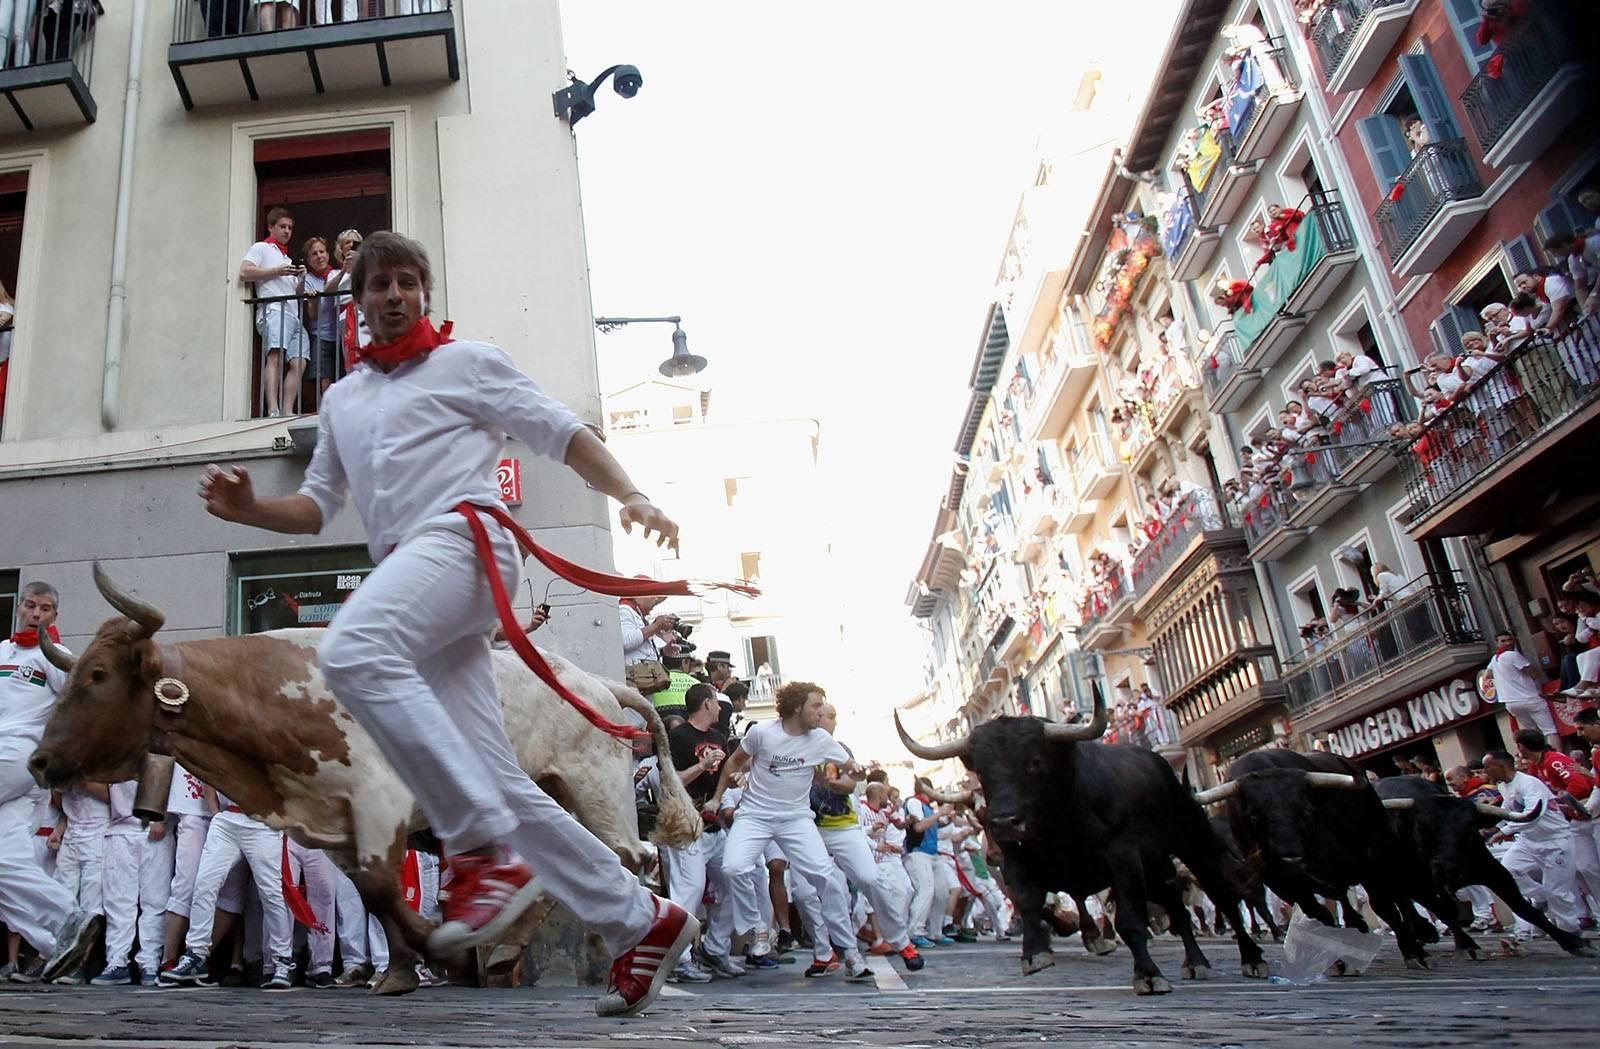 Фототелеграф » забег с быками на празднике сан-фермин, испания